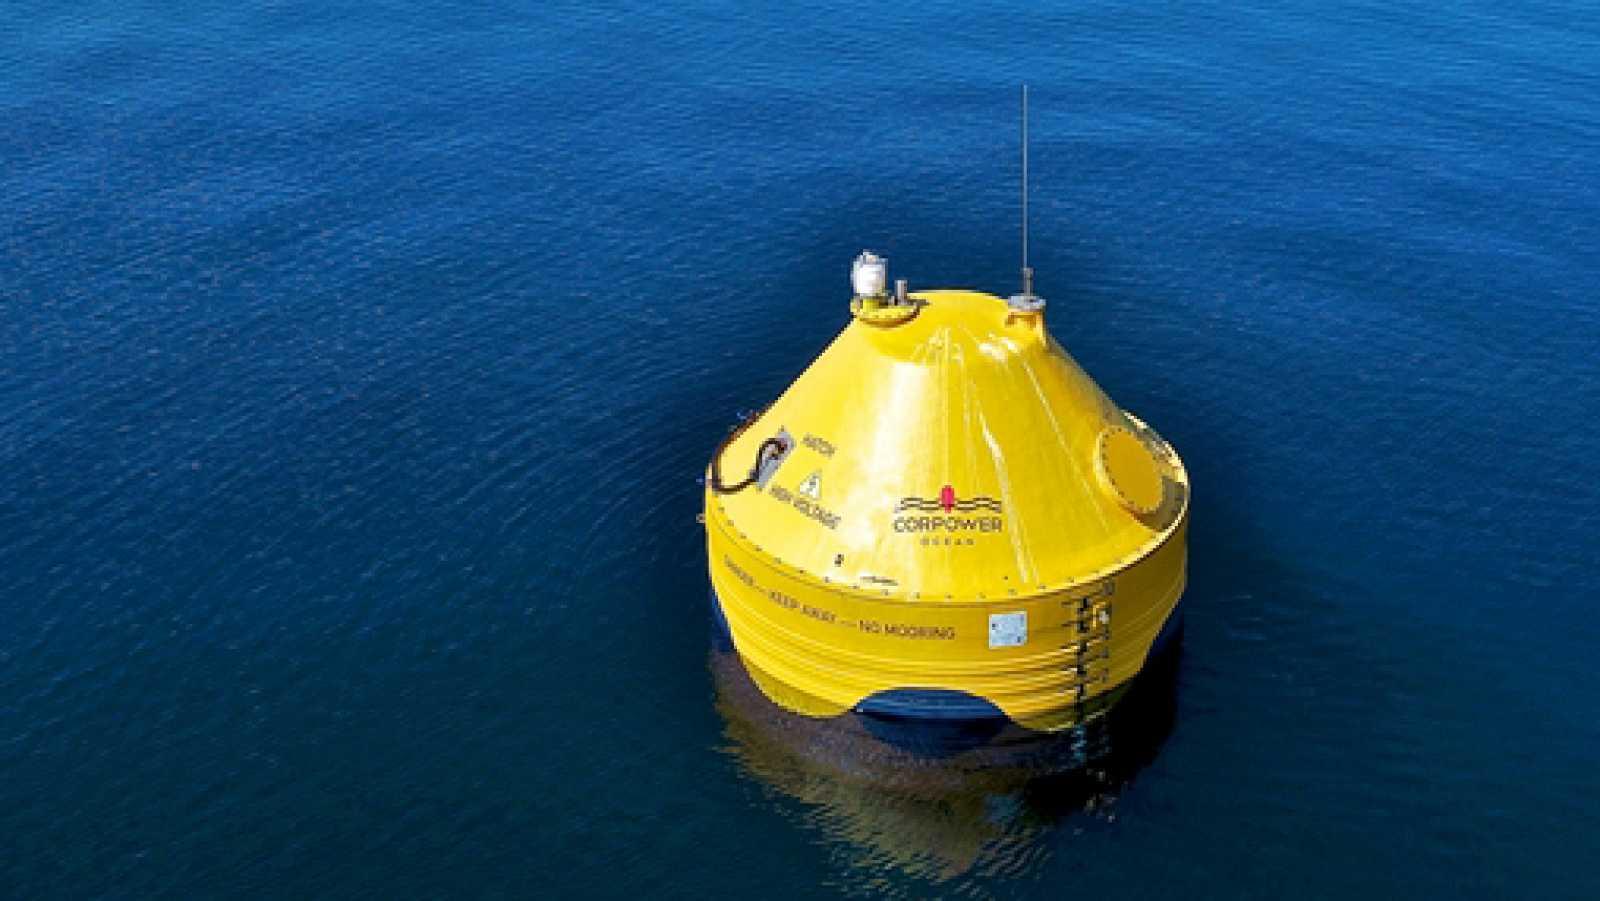 Españoles en la mar - Canarias, paraíso de las energías renovables - 21/10/20 - escuchar ahora